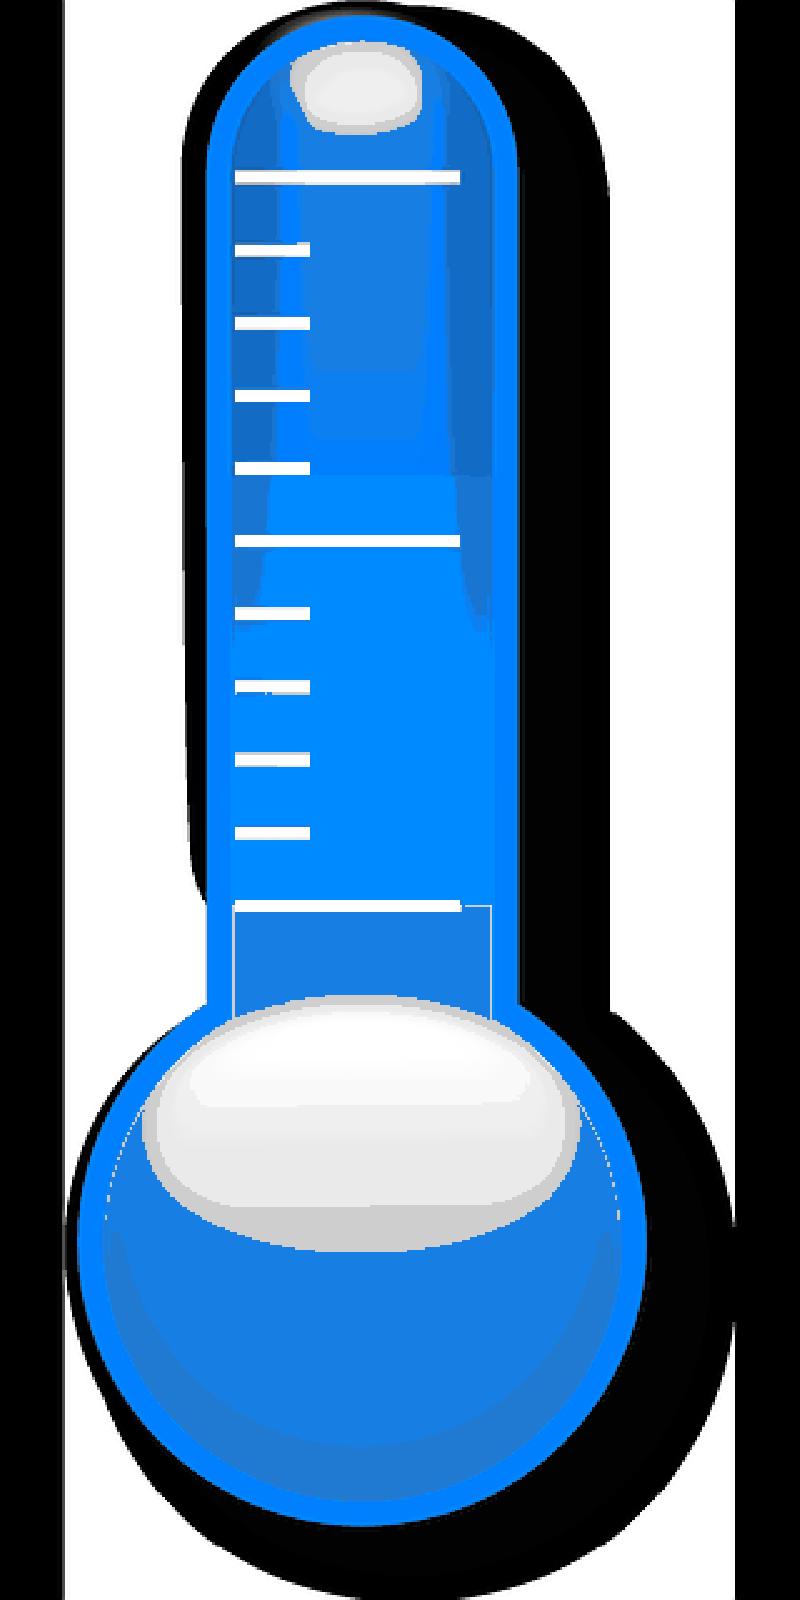 800x1600 Thermometer, Temperature, Cold, Measure